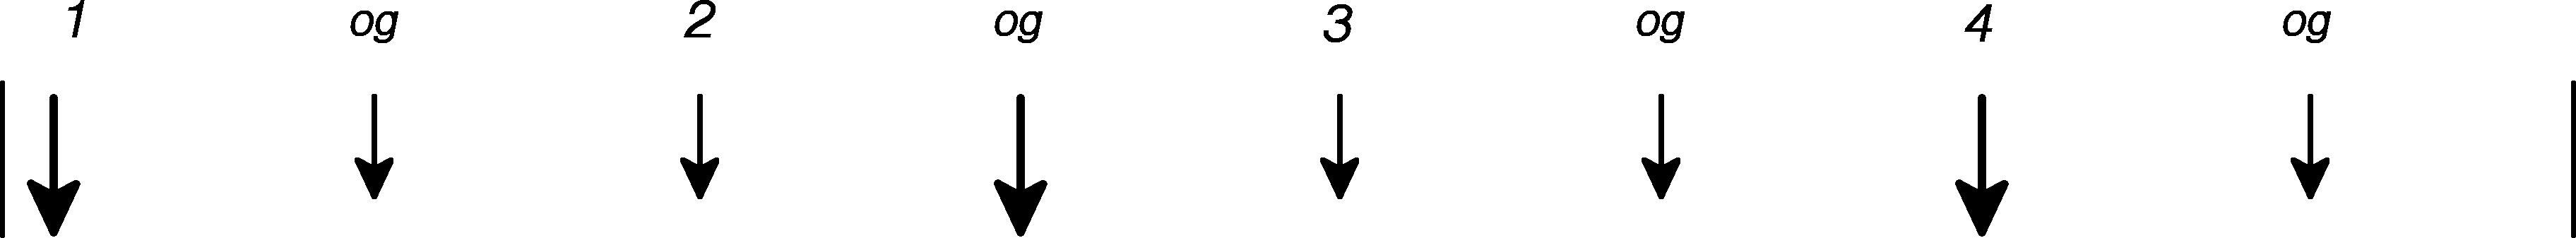 Guitar rytme grafik